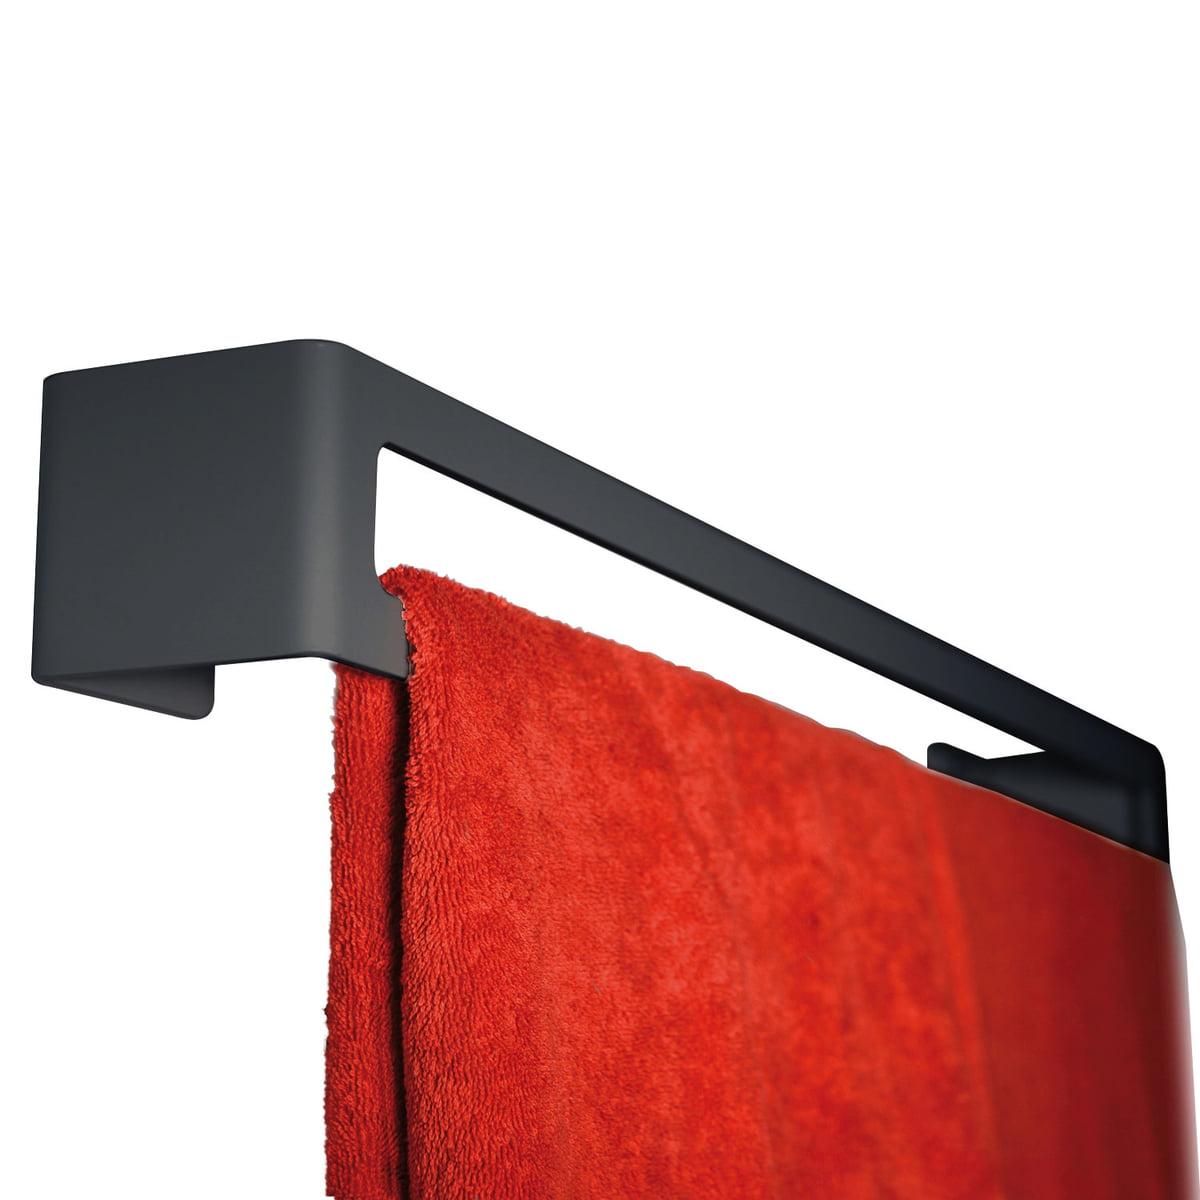 Radius Design - Puro Handtuchhalter (Wand), schwarz | Bad > Bad-Accessoires > Handtuchhalter | Schwarz | Radius Design